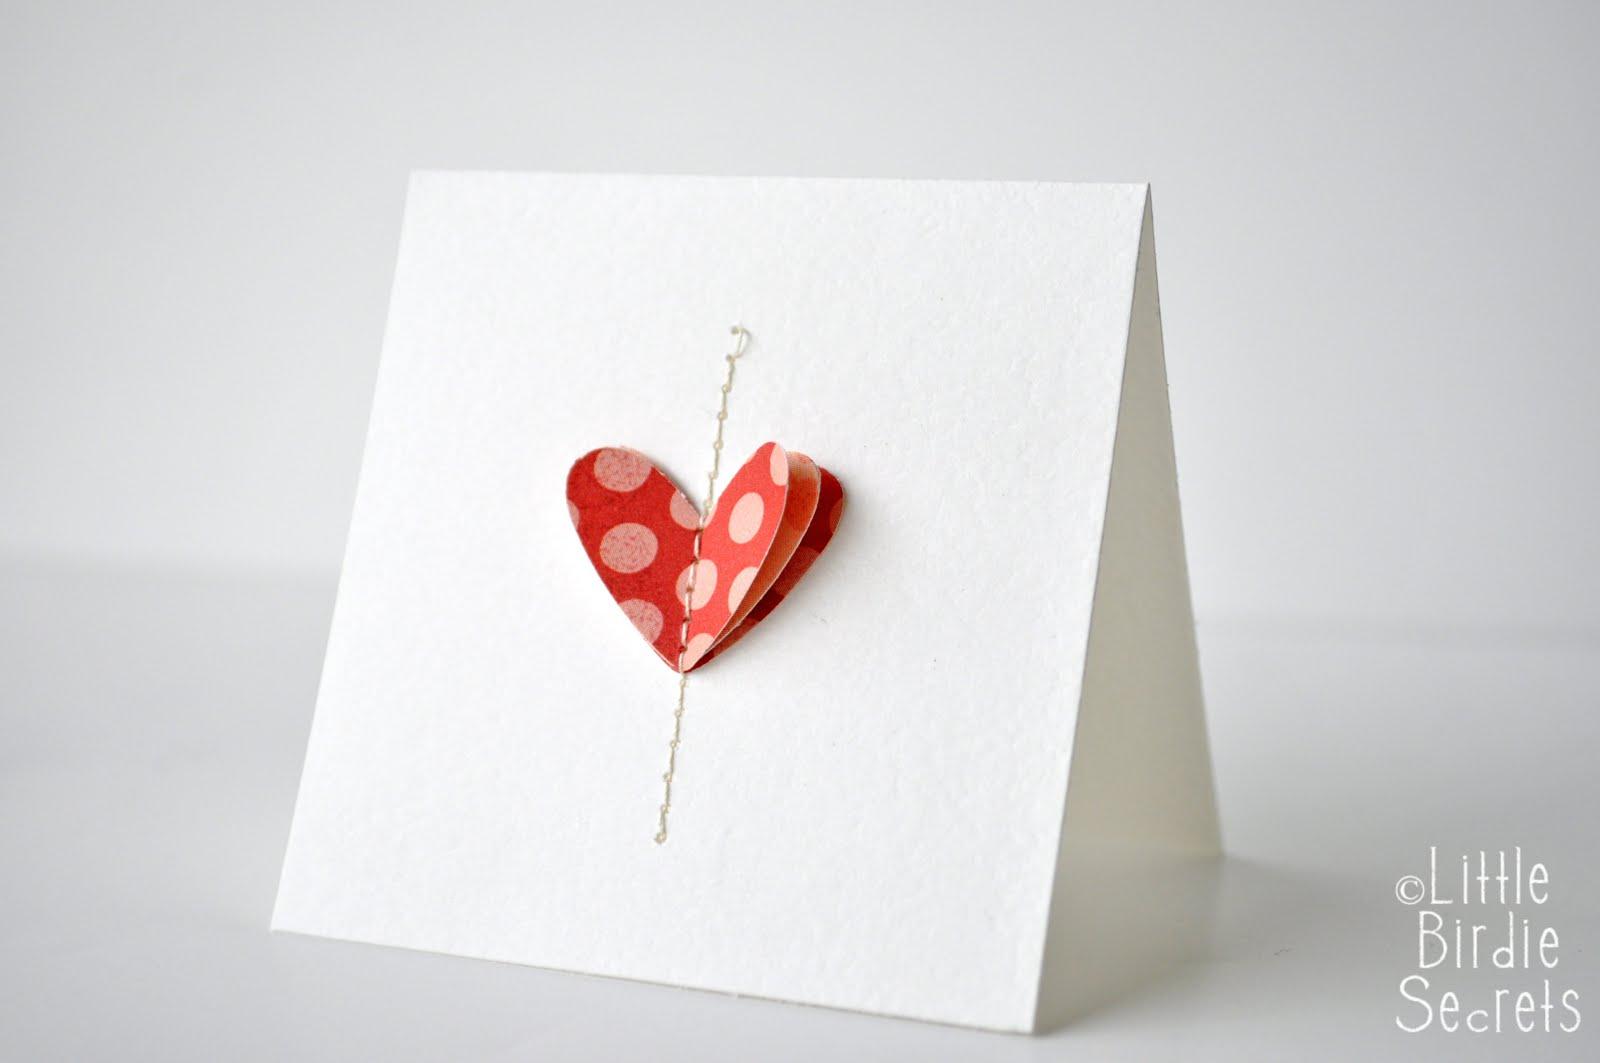 Объемная Валентинка. Открытки своими руками - Детские уроки 83